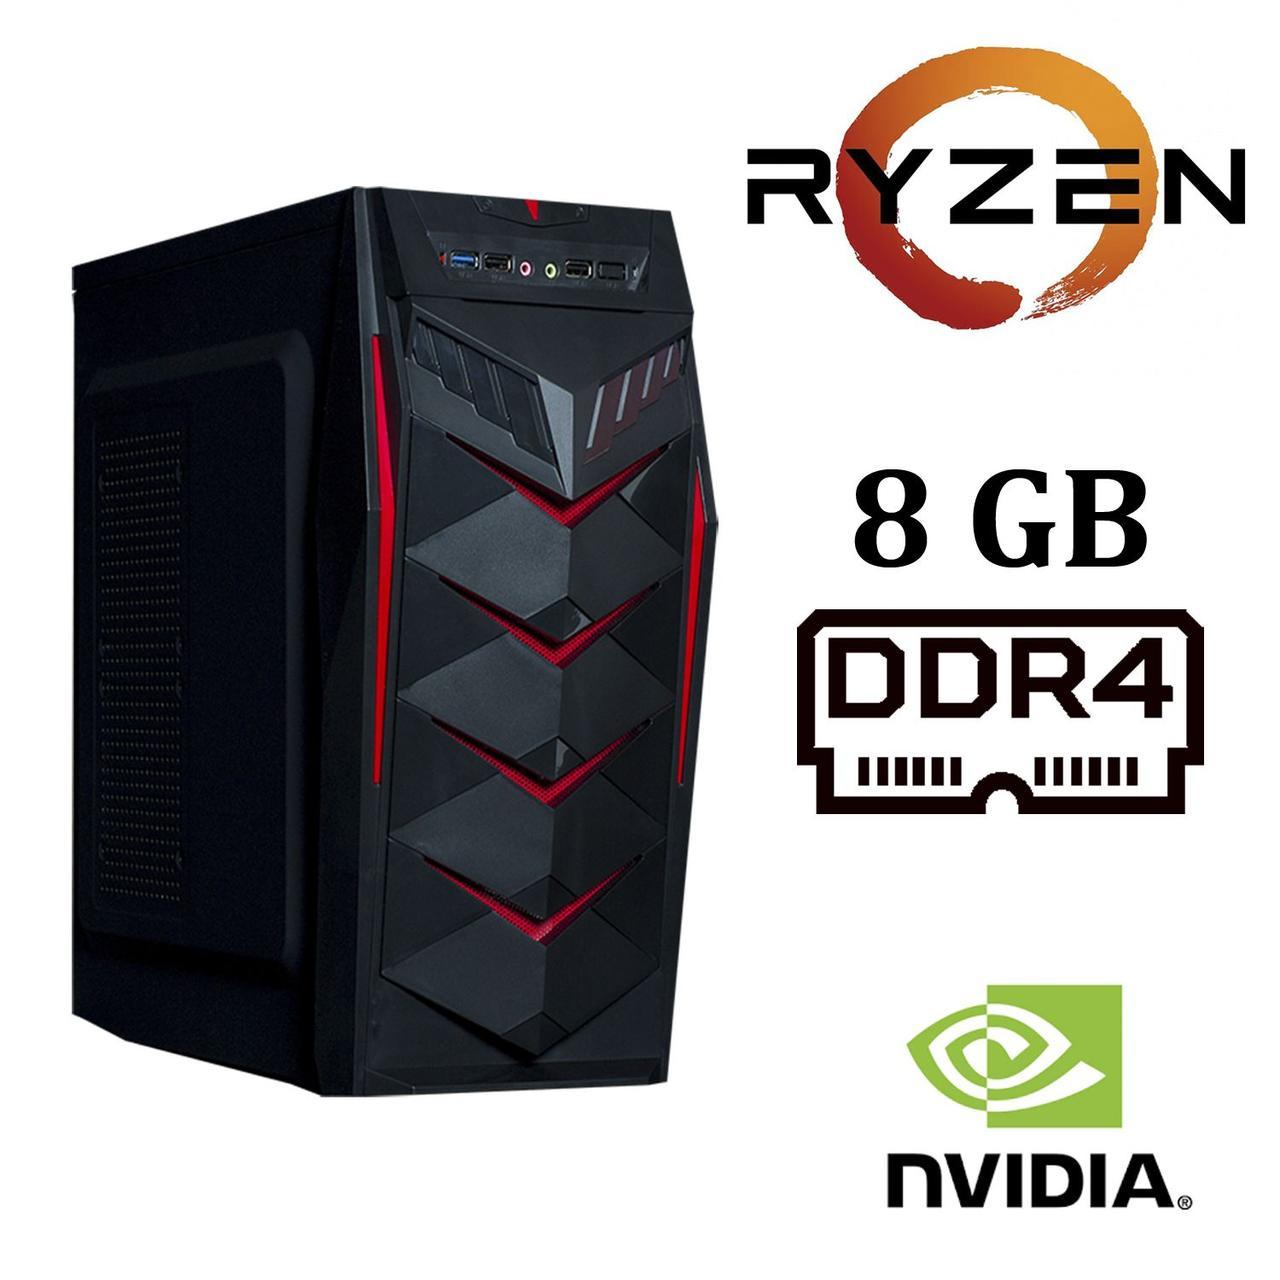 Frontier JUMBO MT / AMD Ryzen™ 3 1300X (4 ядра по 3.5 - 3.7 GHz) / 8 GB DDR4 / 1000 GB HDD / nVidia GeForce GT